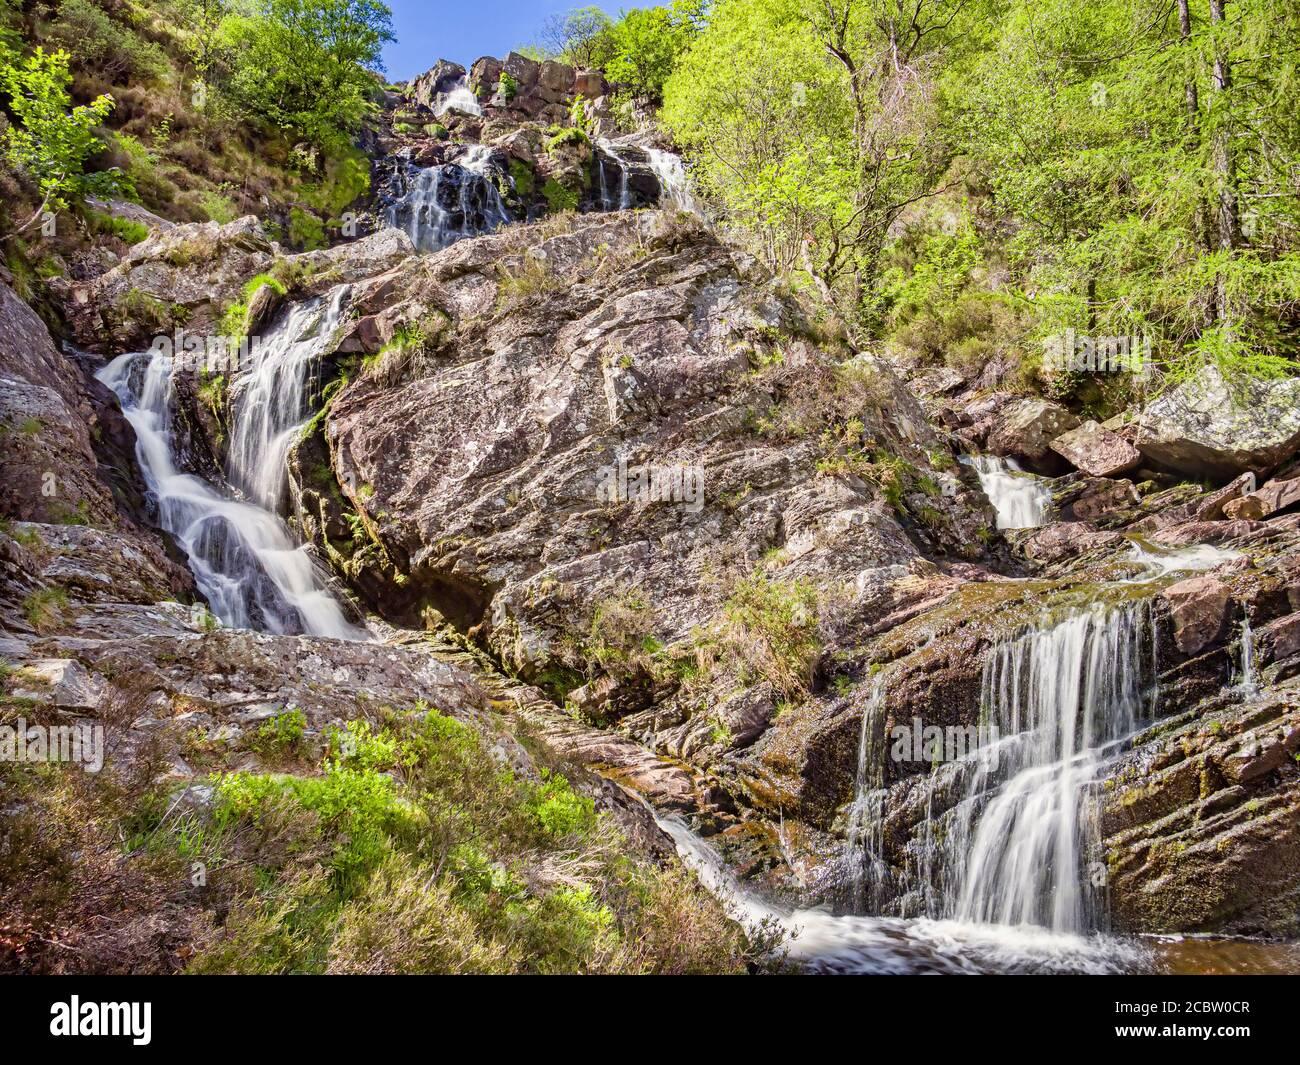 Cascada o Pistyll Rhiwargor Rhyd-y-meincau sobre el río Eiddew encima del lago Vyrnwy, Powys, Gales, Reino Unido. Foto de stock